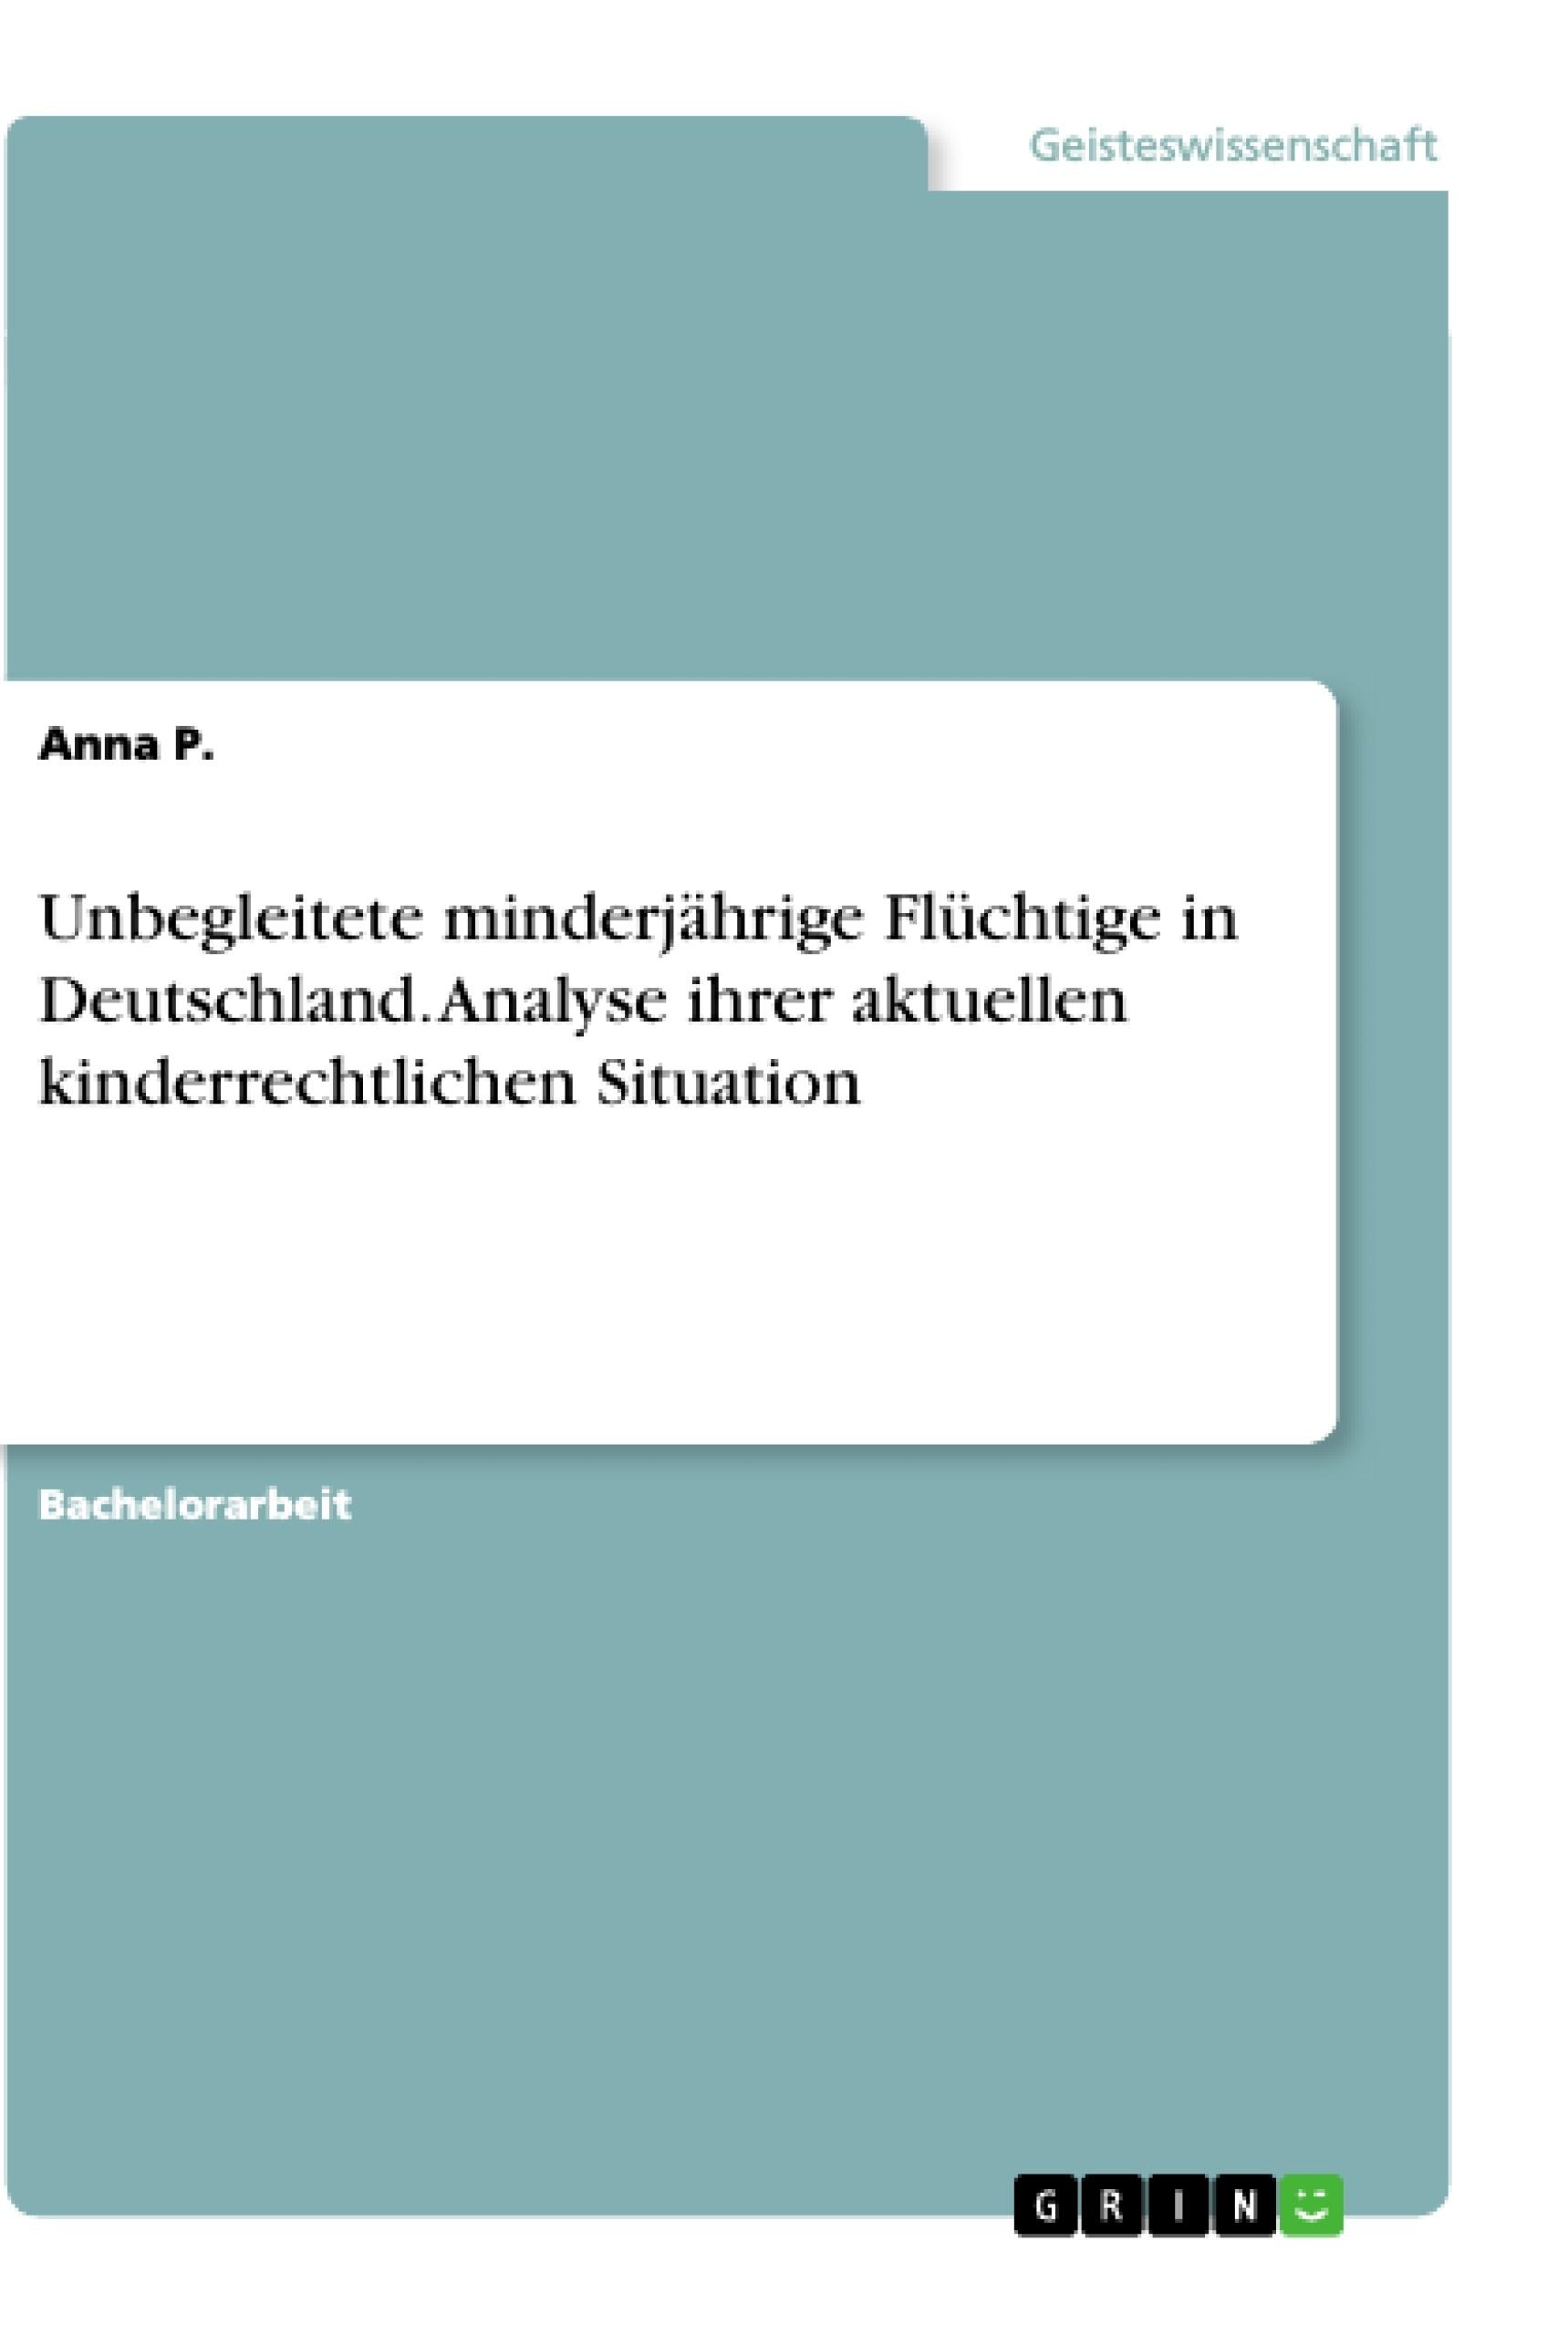 Titel: Unbegleitete minderjährige Flüchtige in Deutschland. Analyse ihrer aktuellen kinderrechtlichen Situation